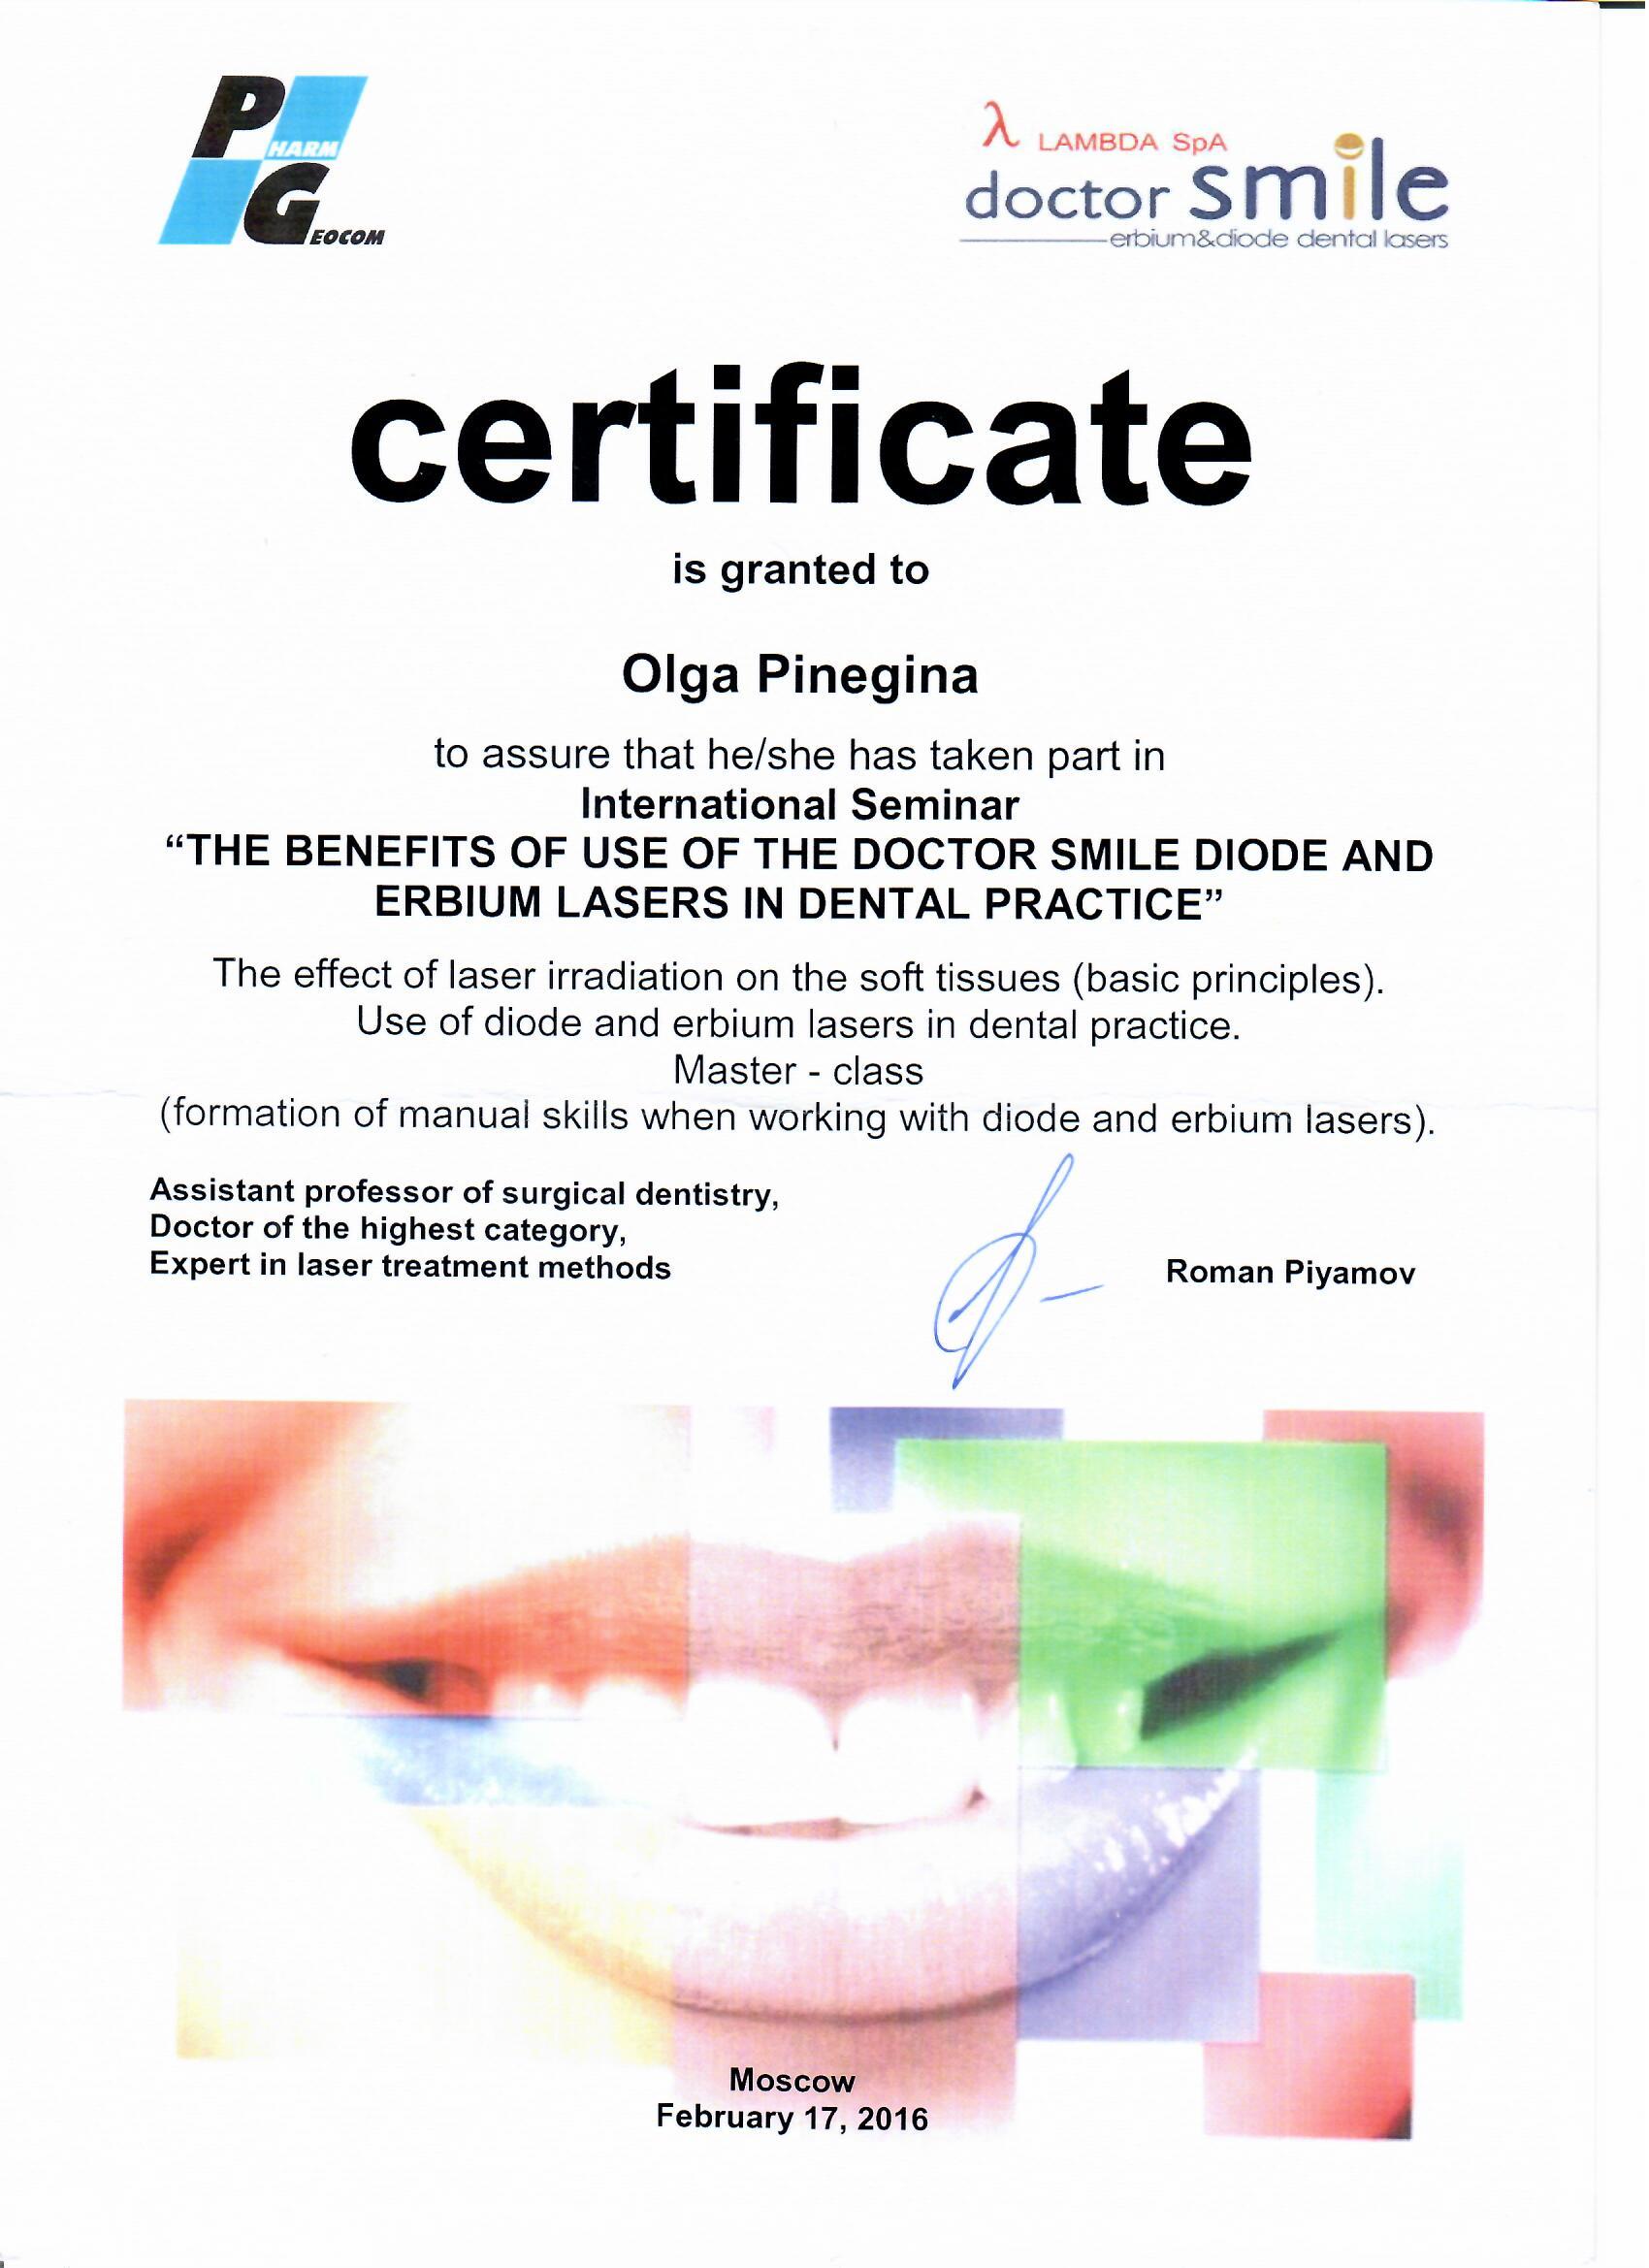 2016 Преимущества применения диодных лазеров Doctor Smile в стоматологической практике.